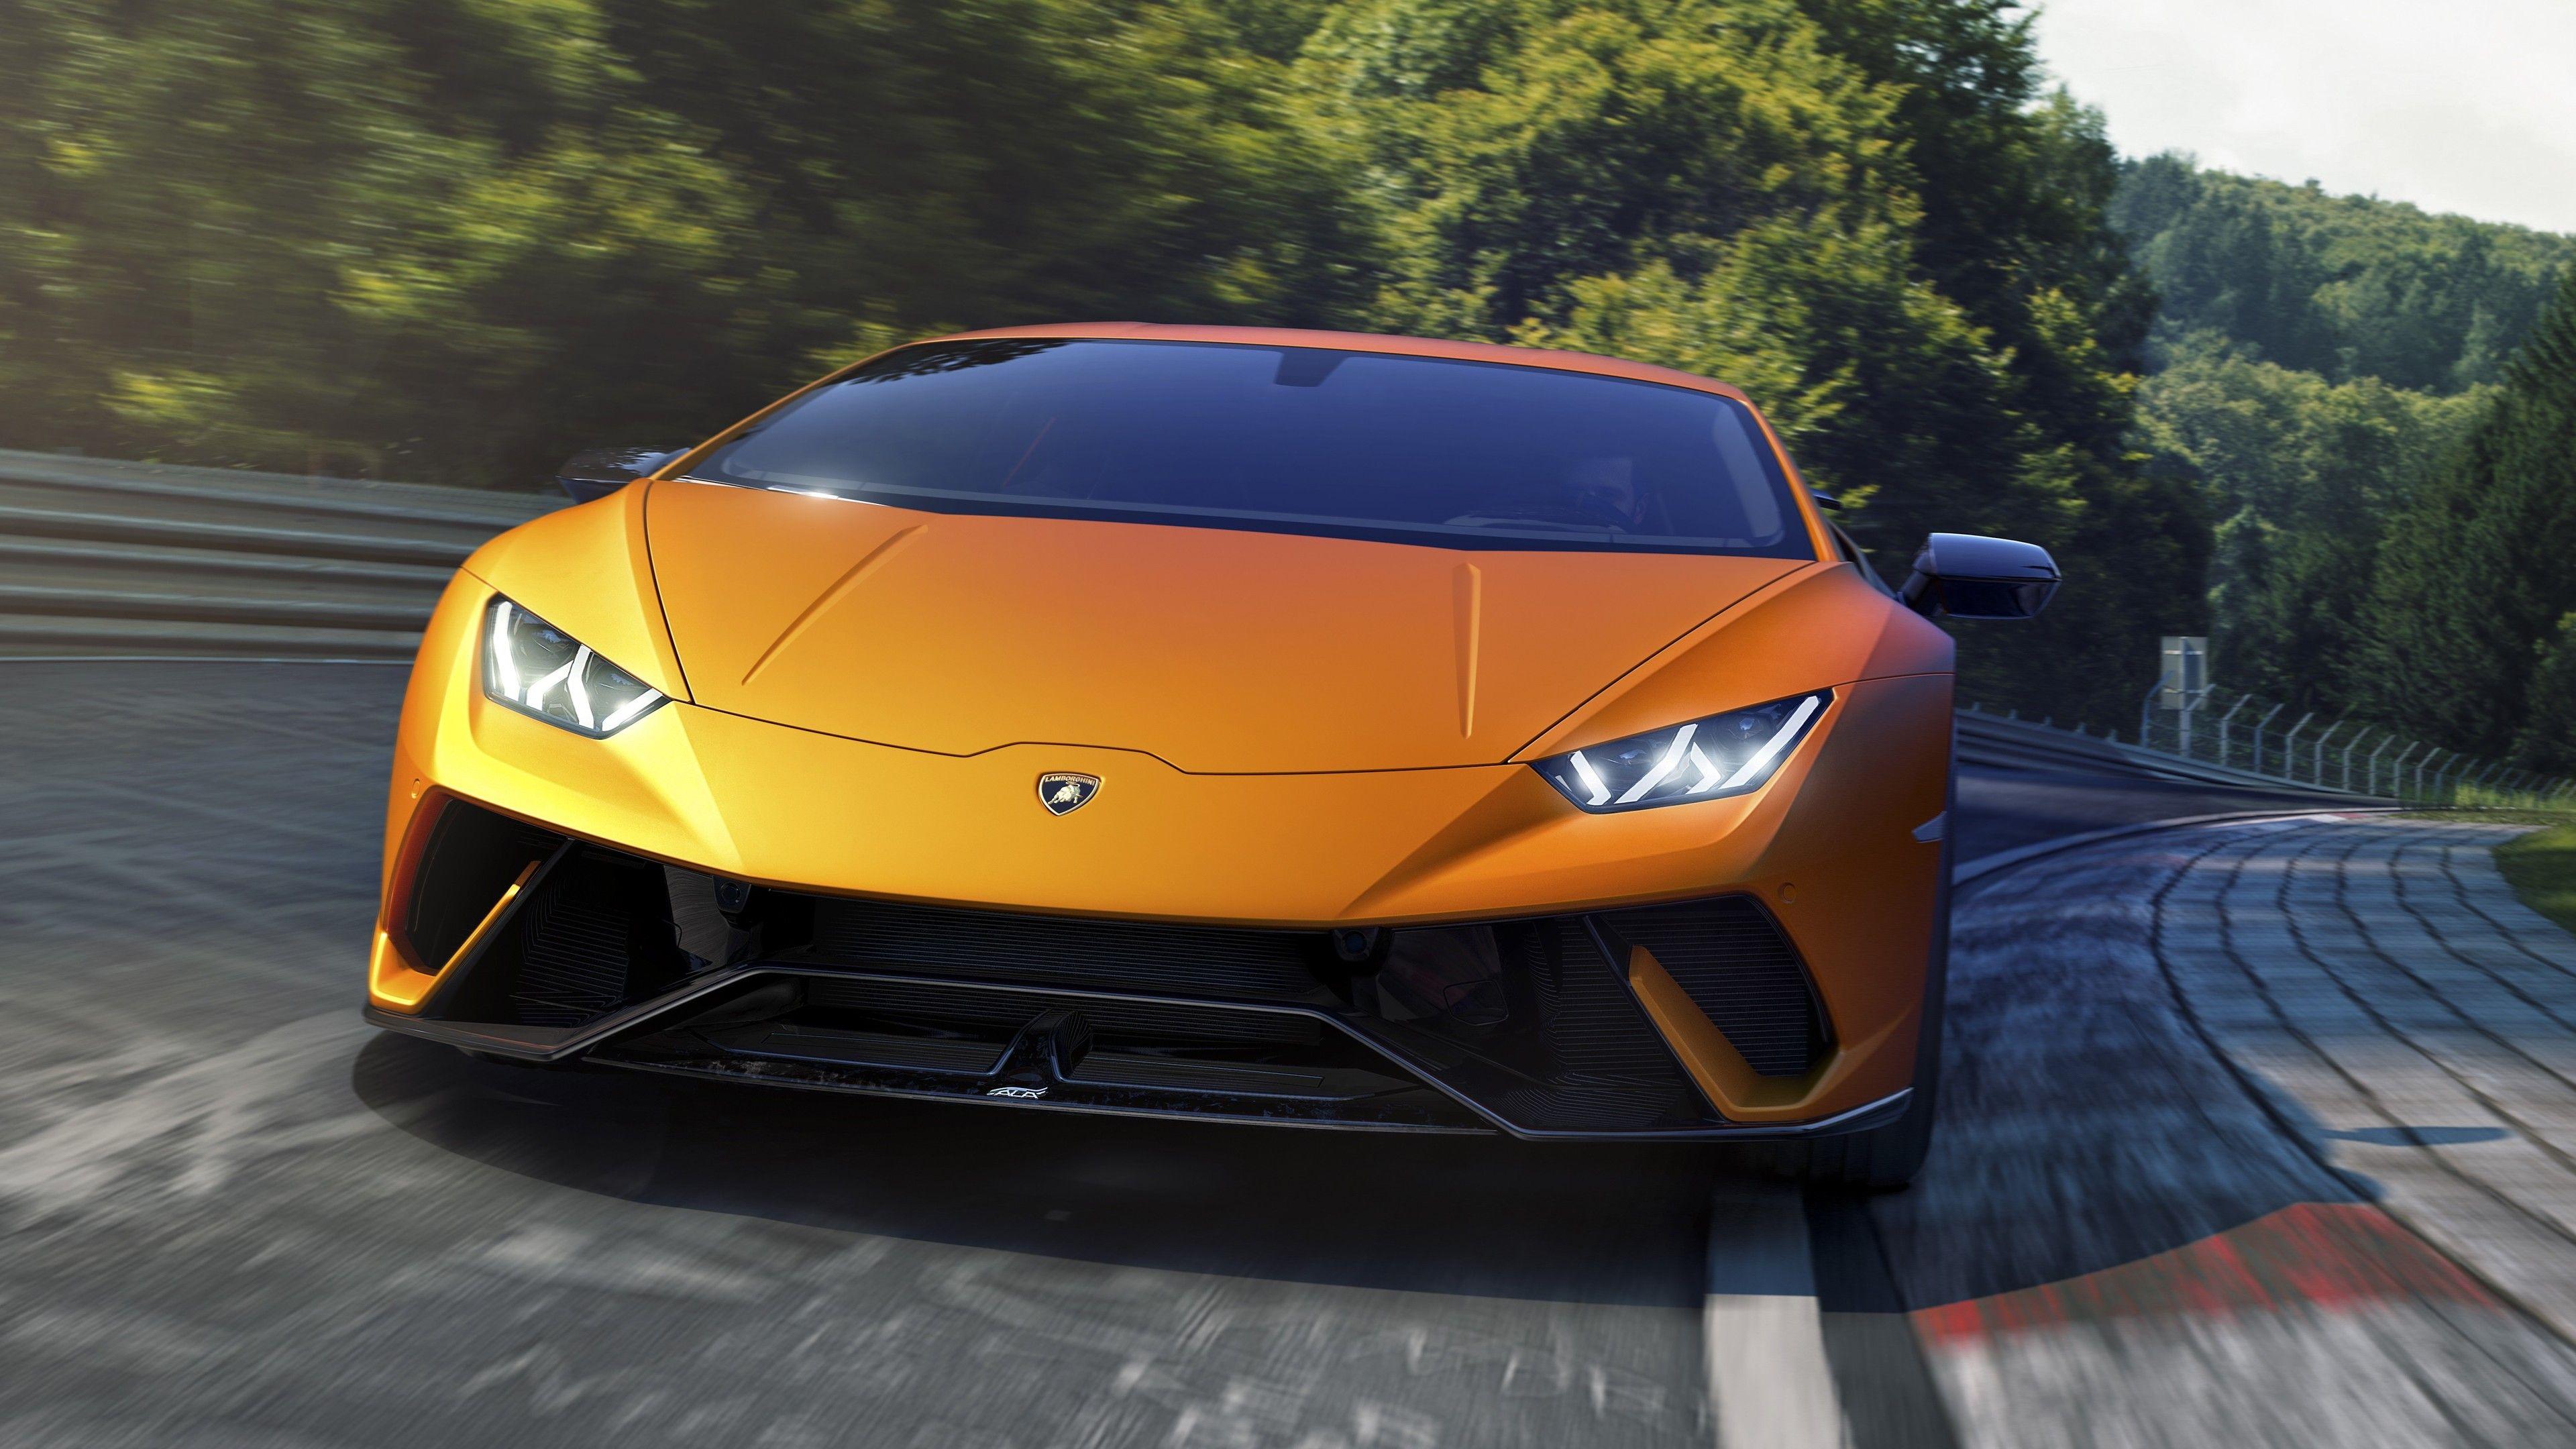 Wallpaper 4k Lamborghini Huracan Performante Front 2018 Cars